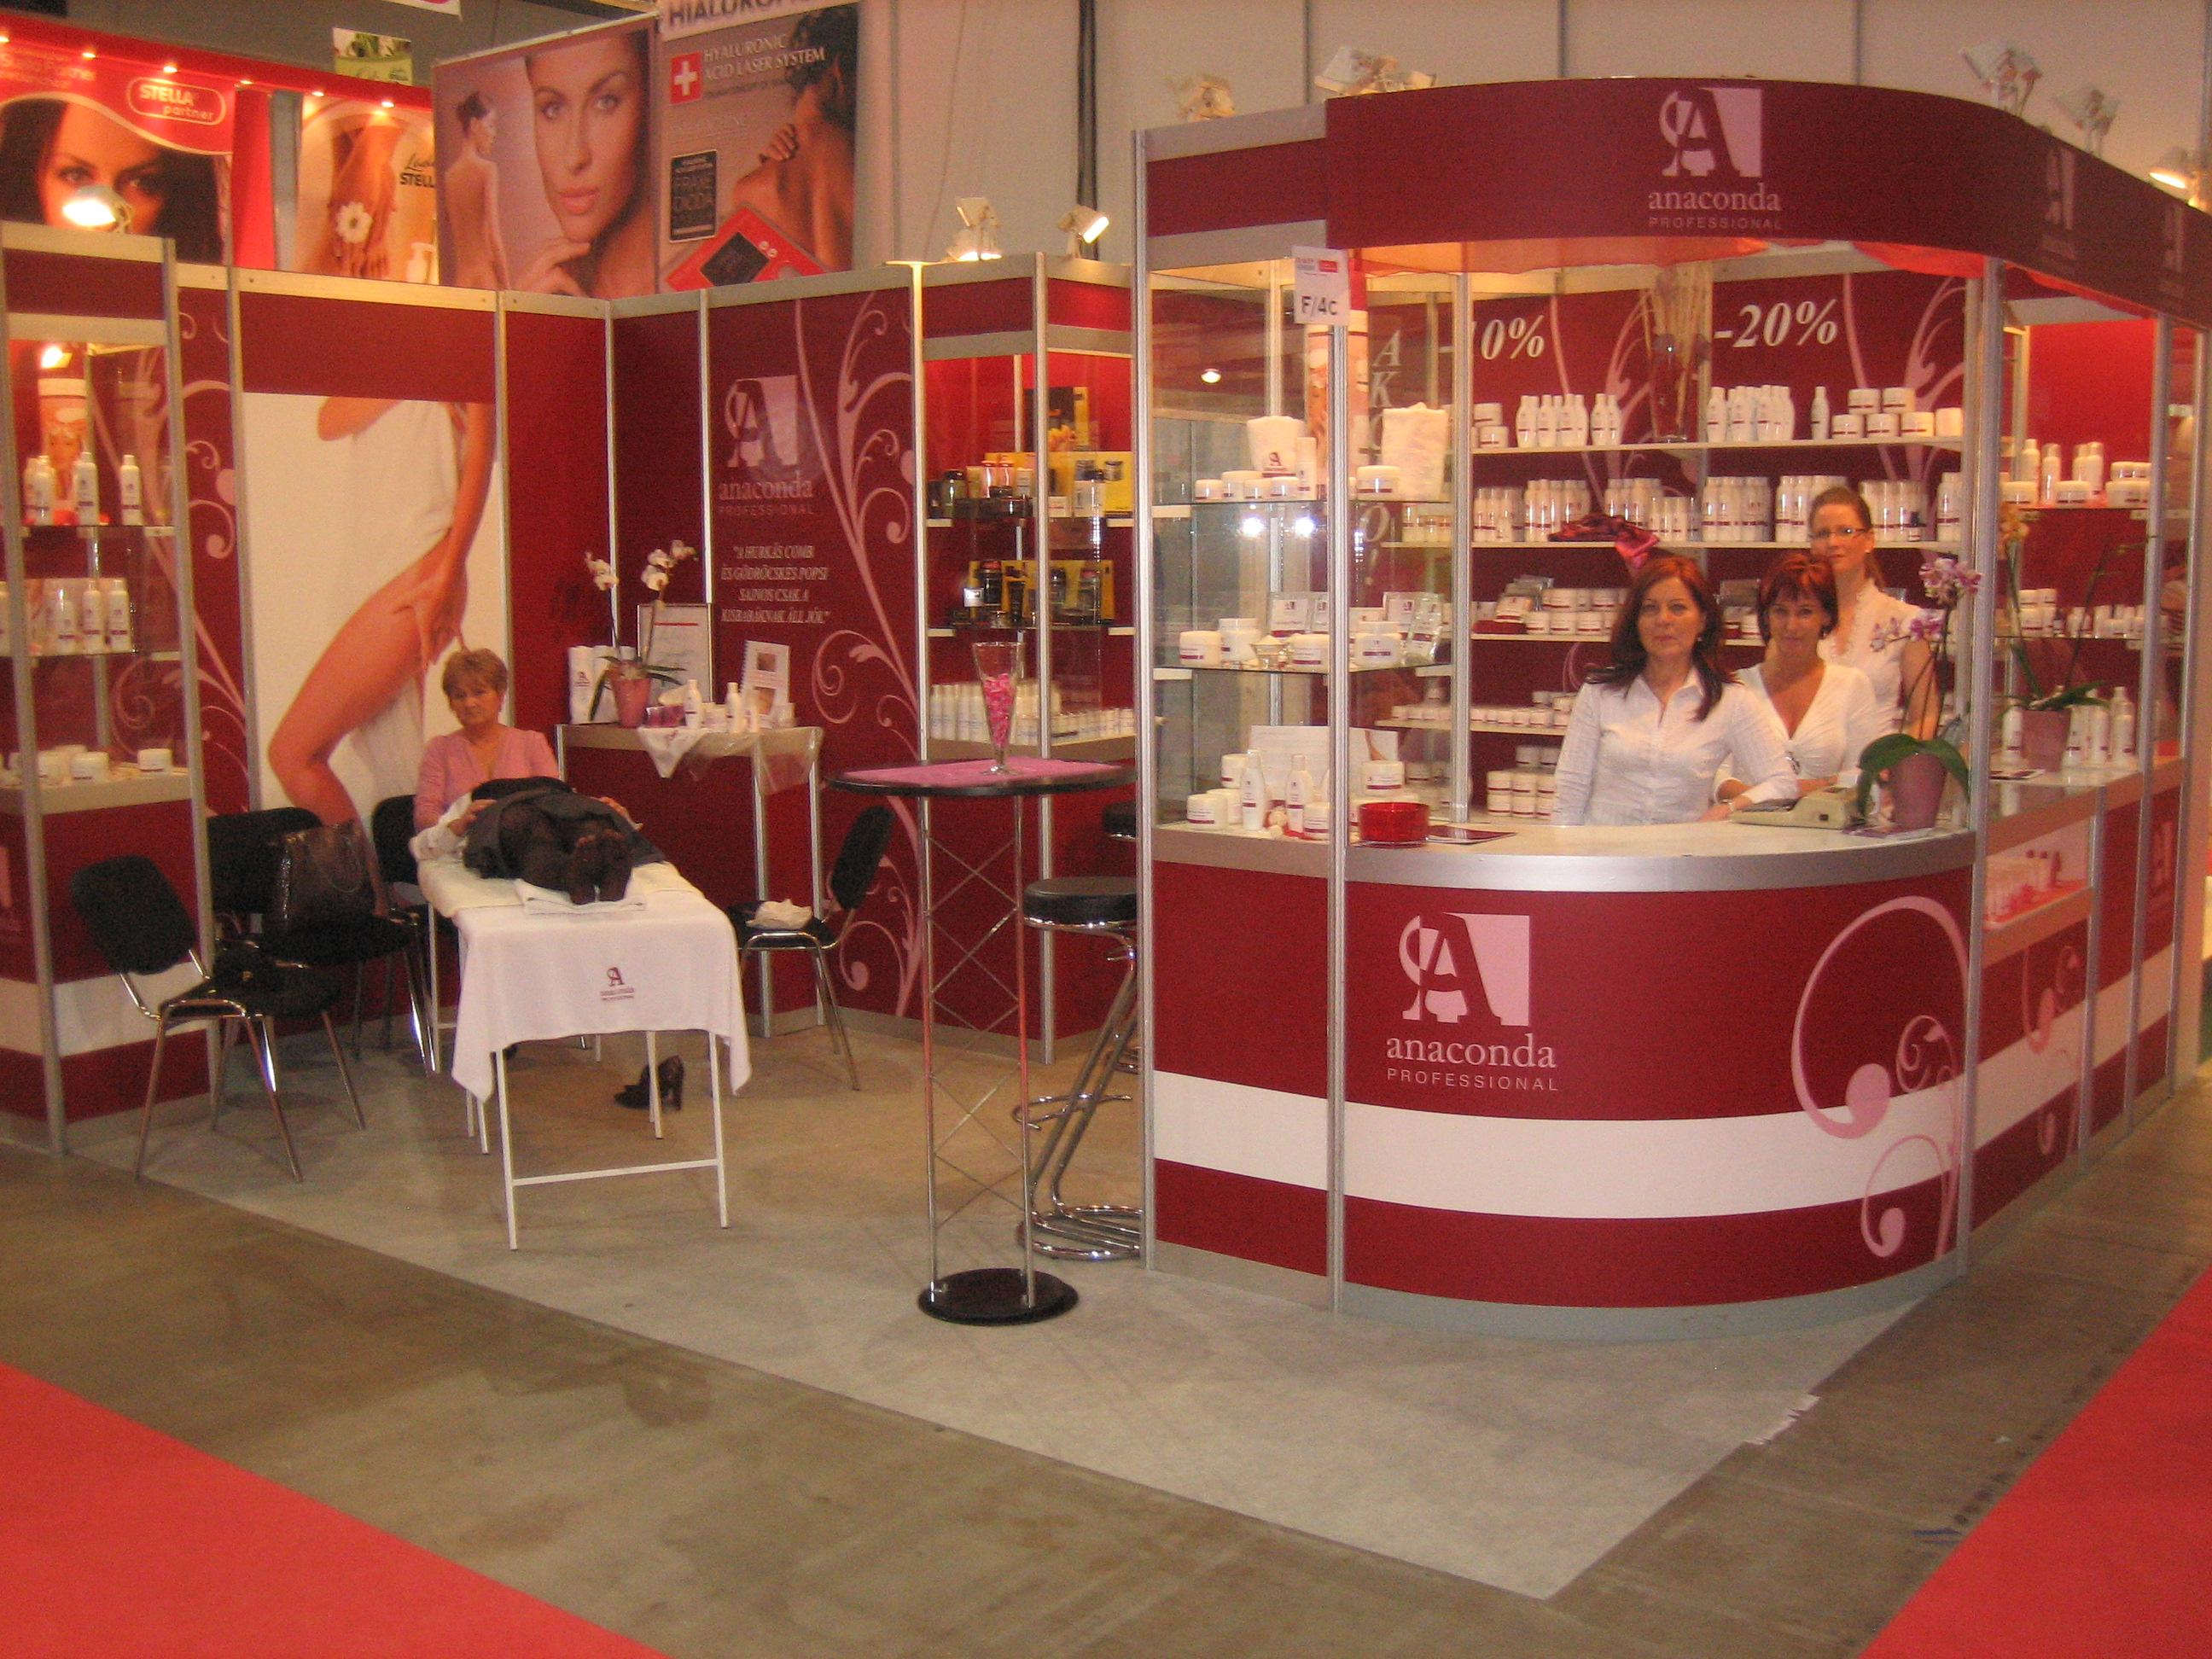 Beauty Kiállítás 2011 - Anaconda